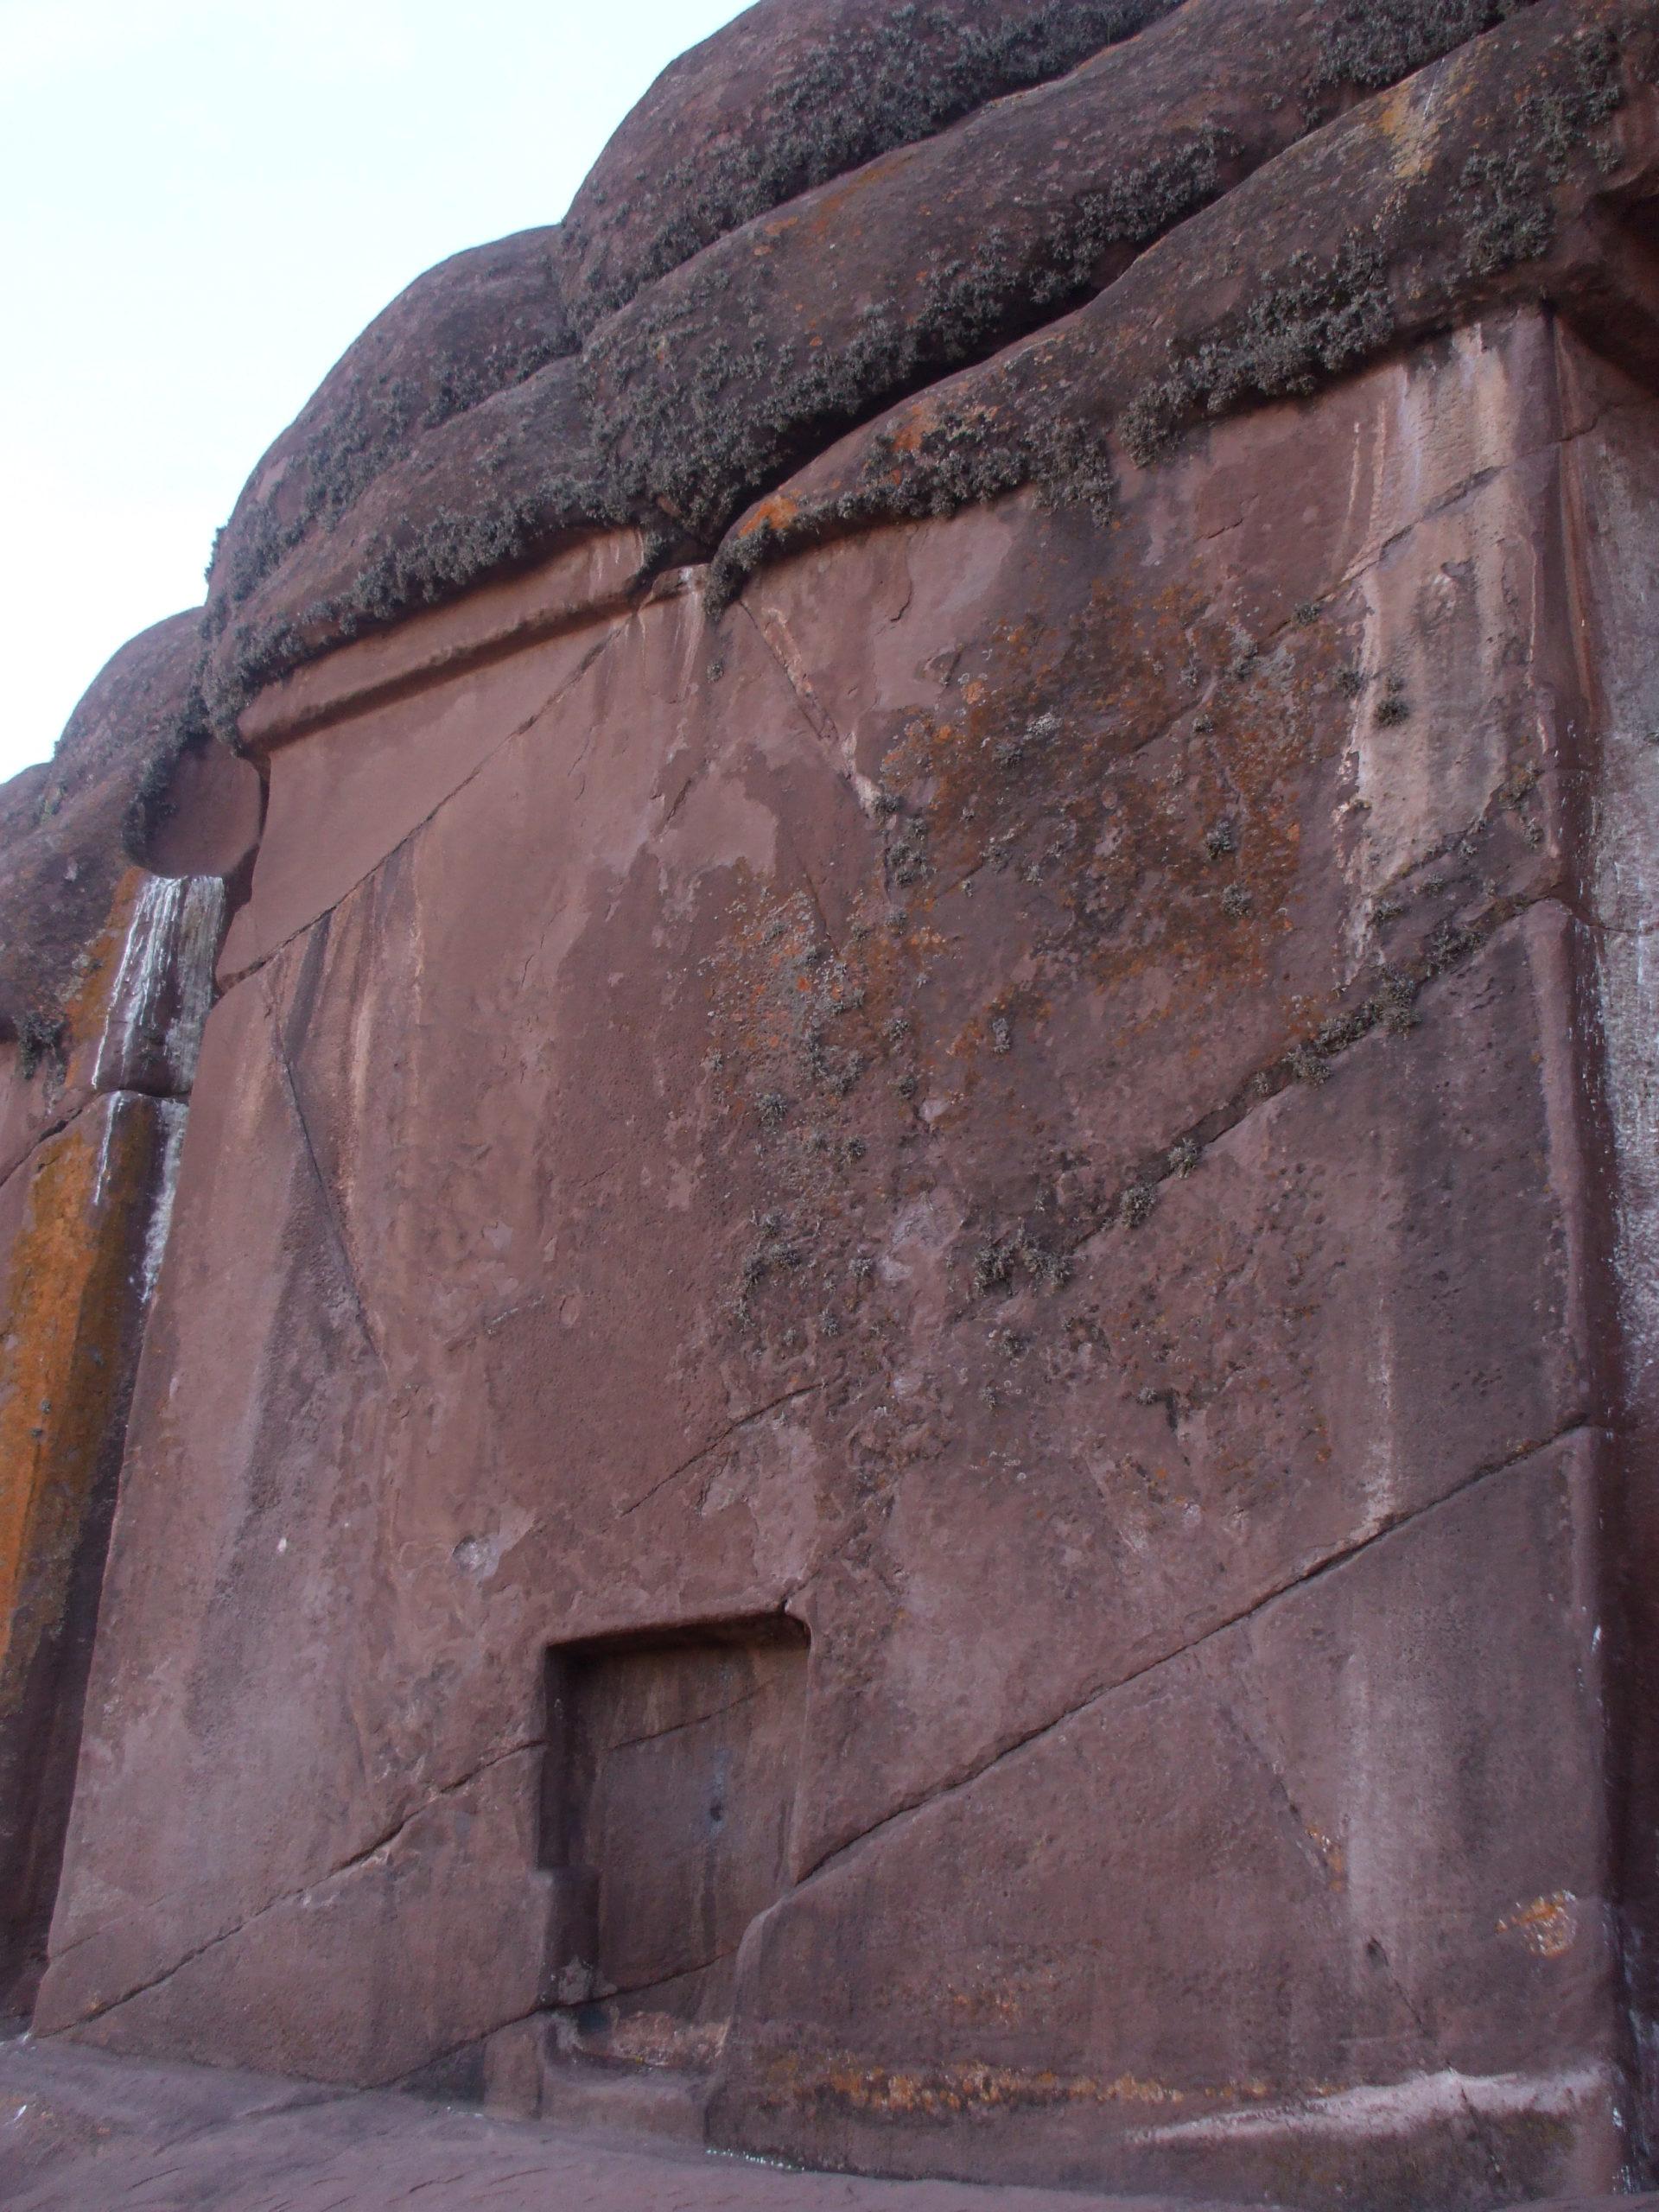 Puerta de Amaru Muru, Peru